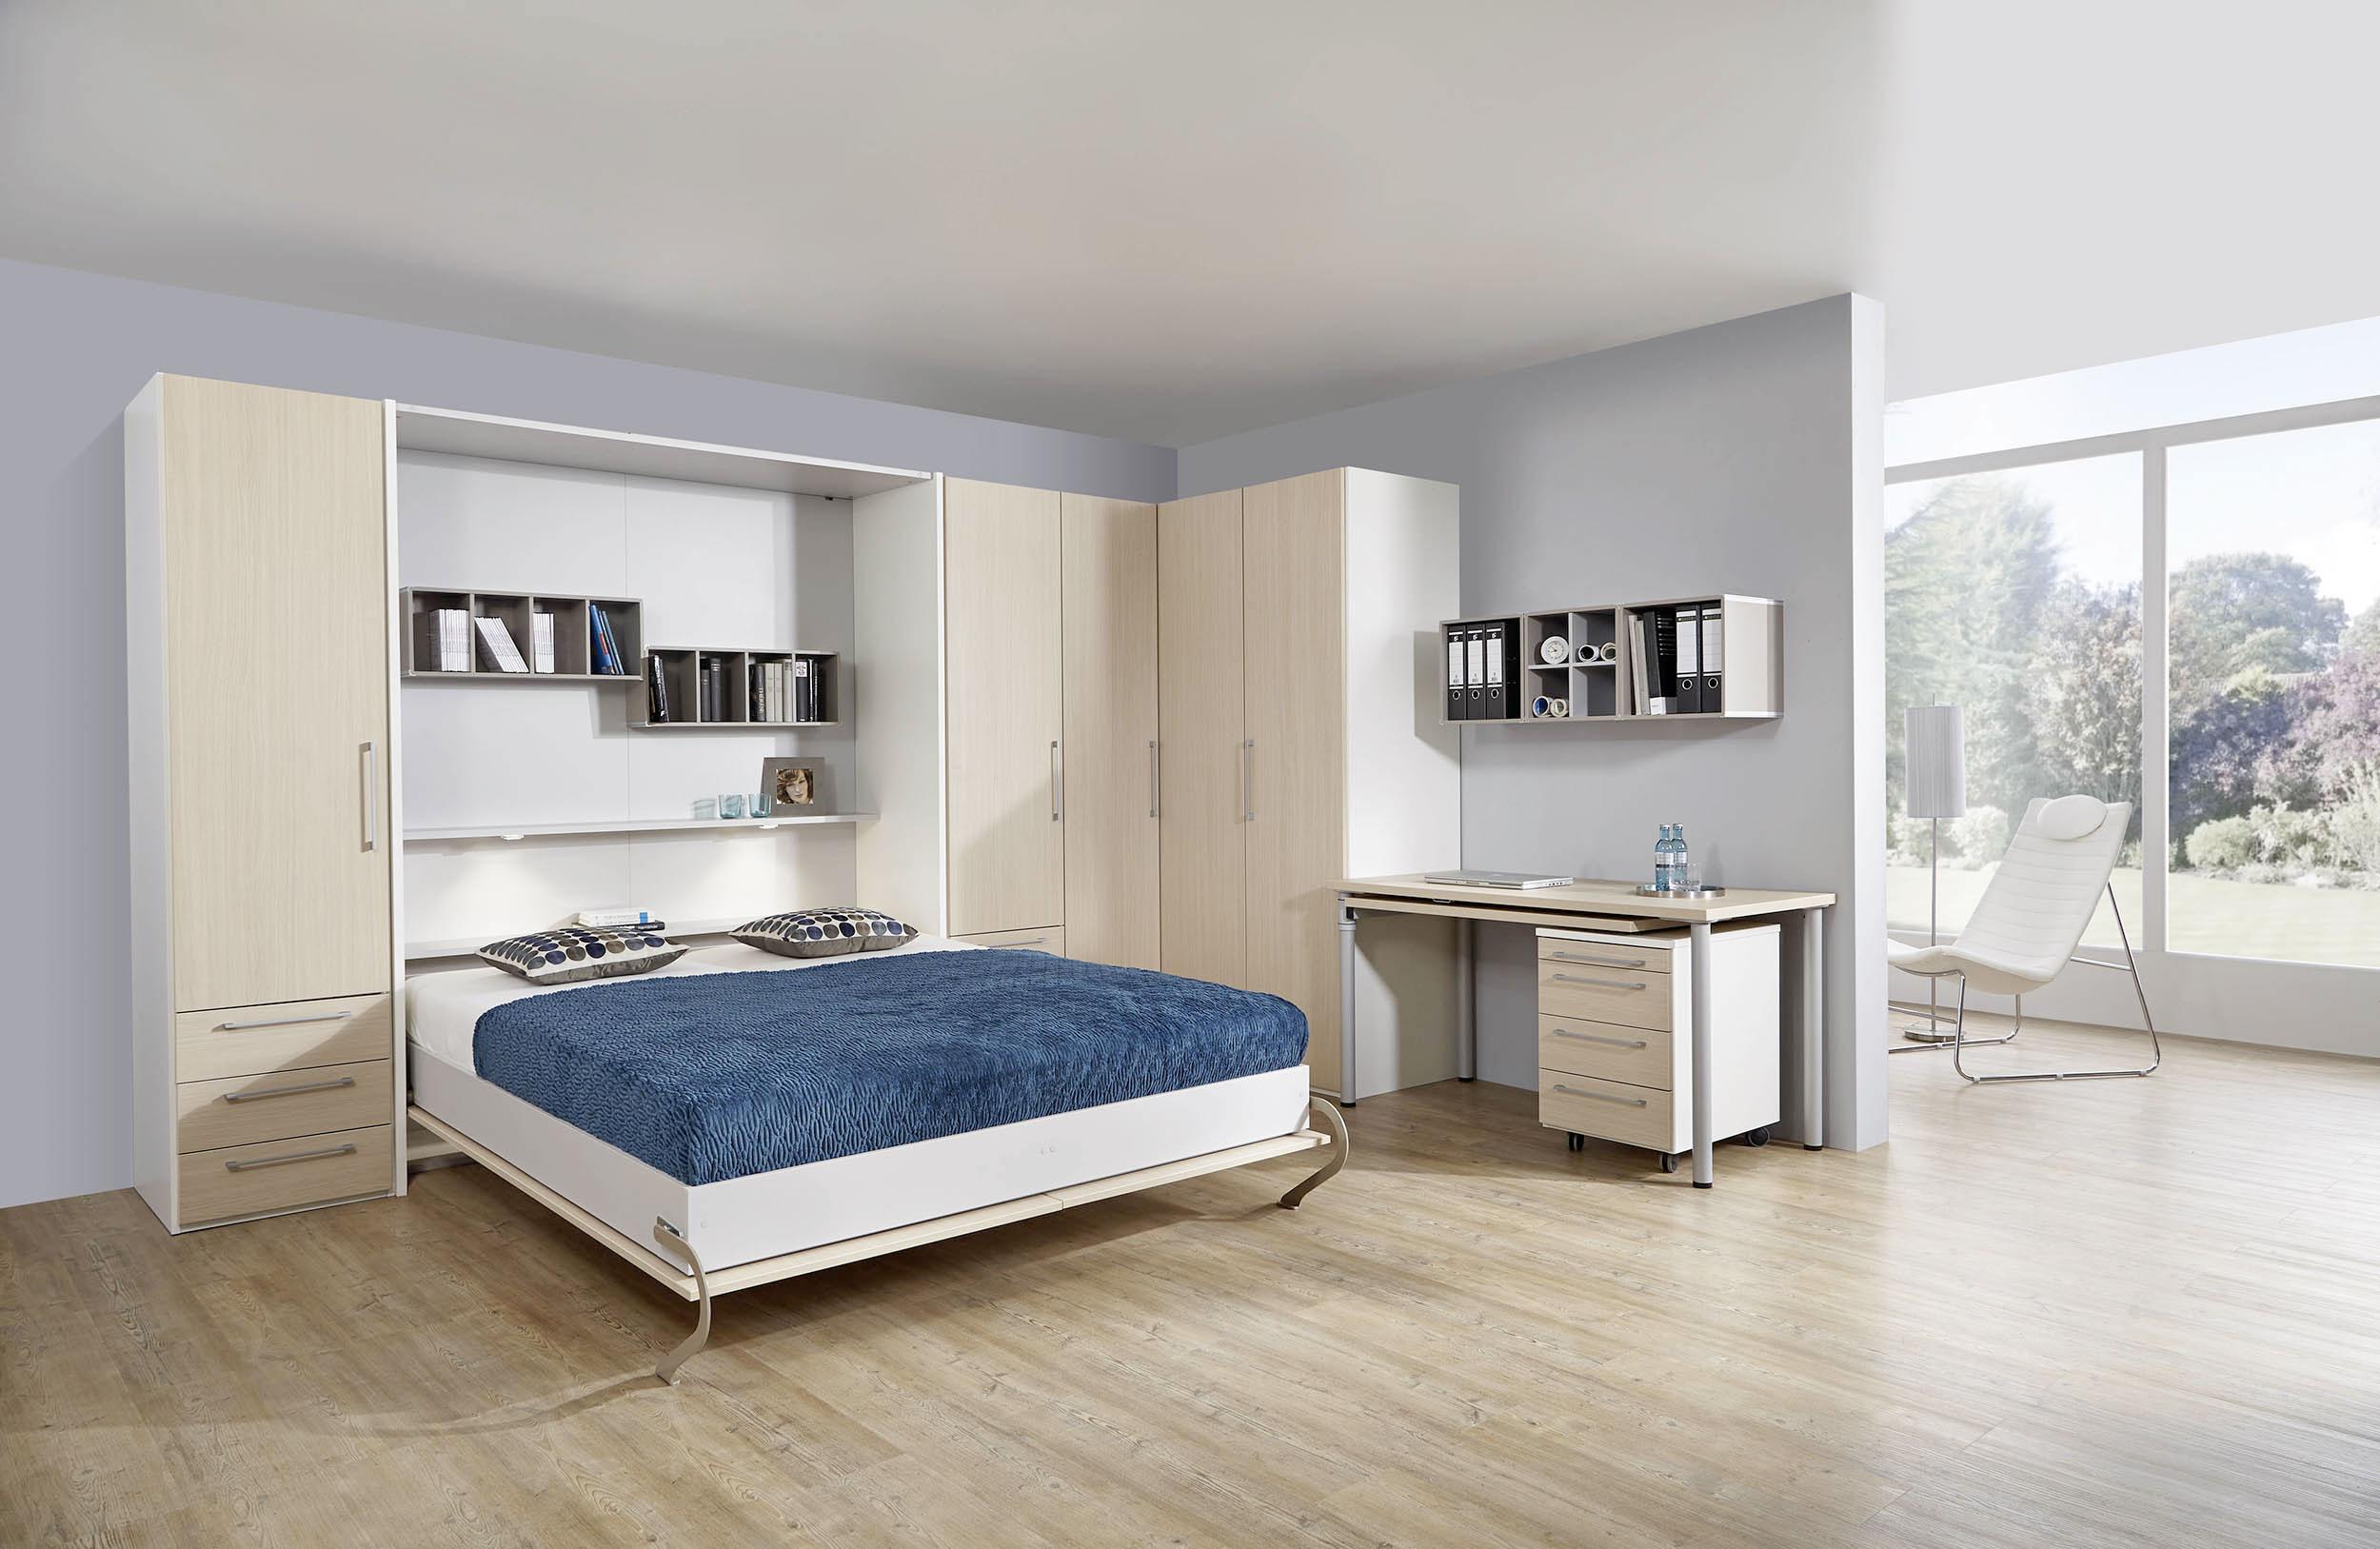 chambre 224 coucher 183 type de produits 183 marin roduit